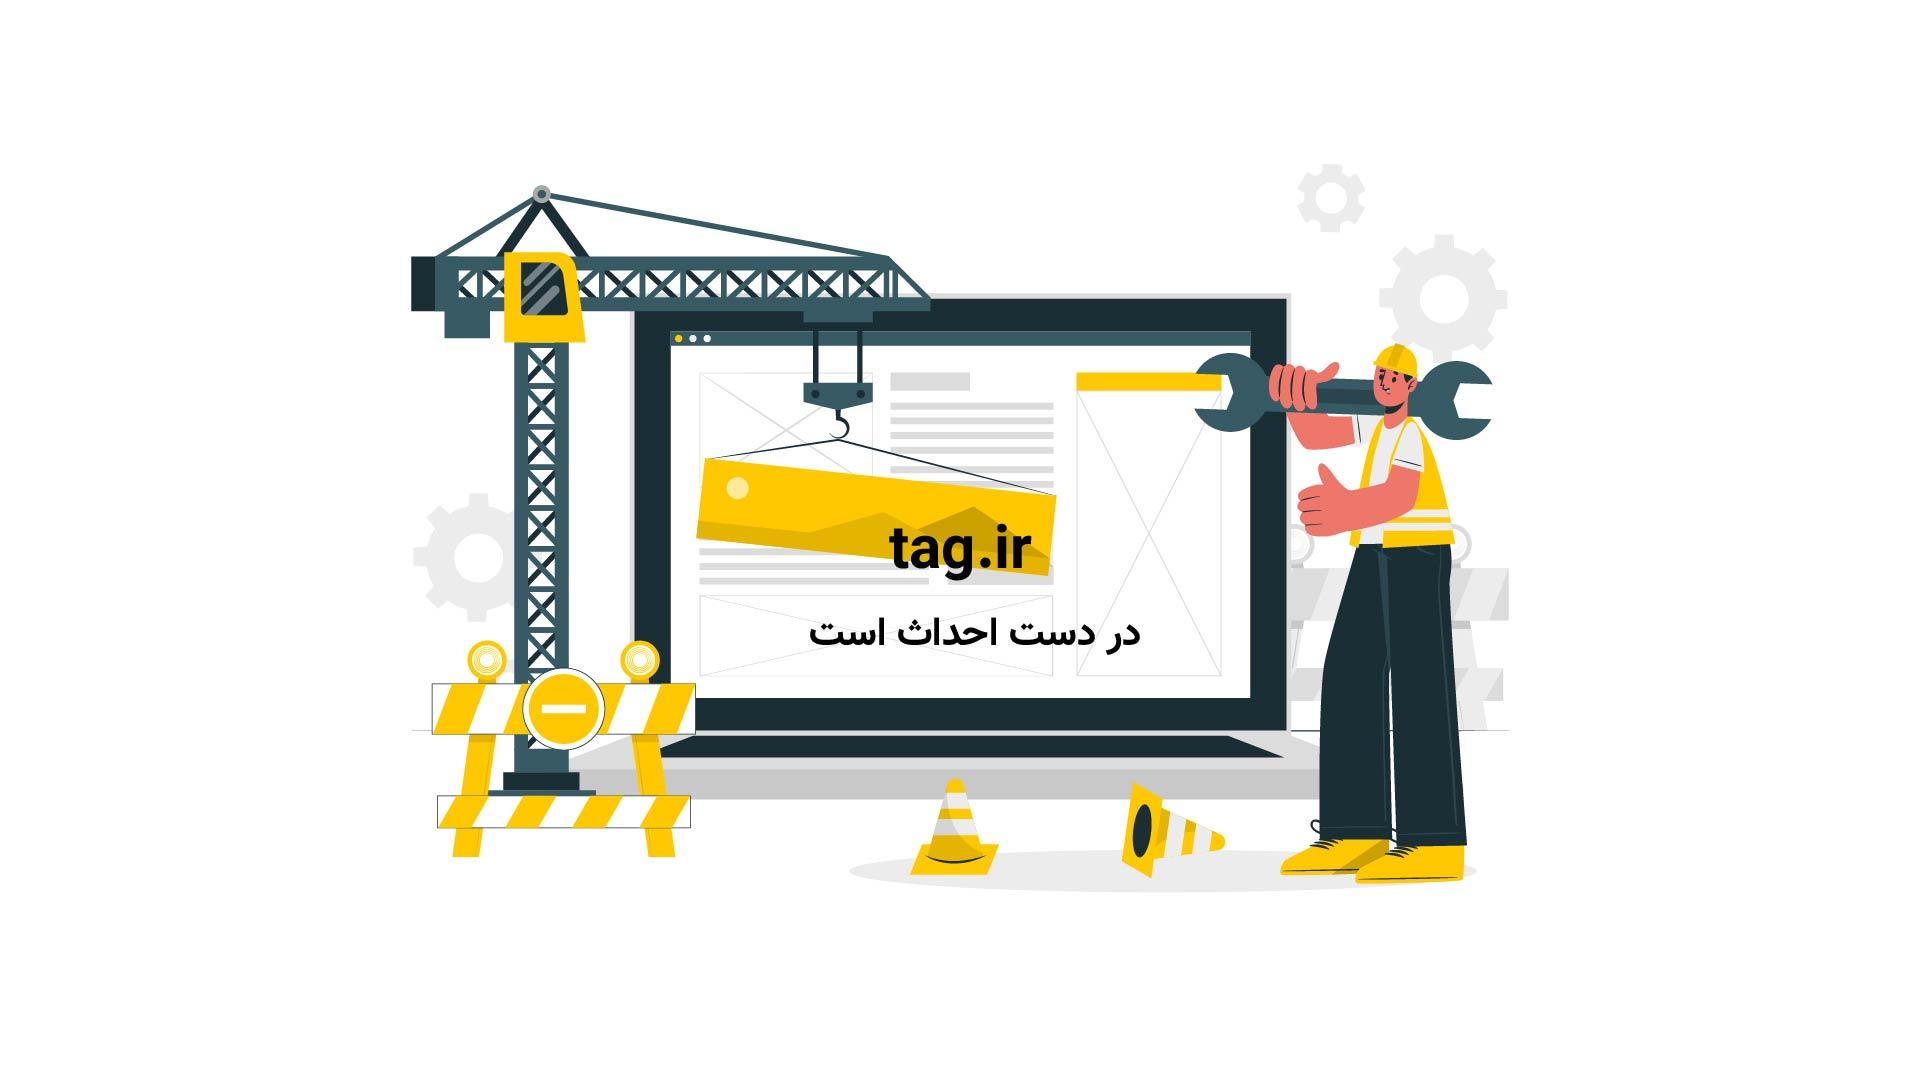 بازی رمبوت 2 | تگ